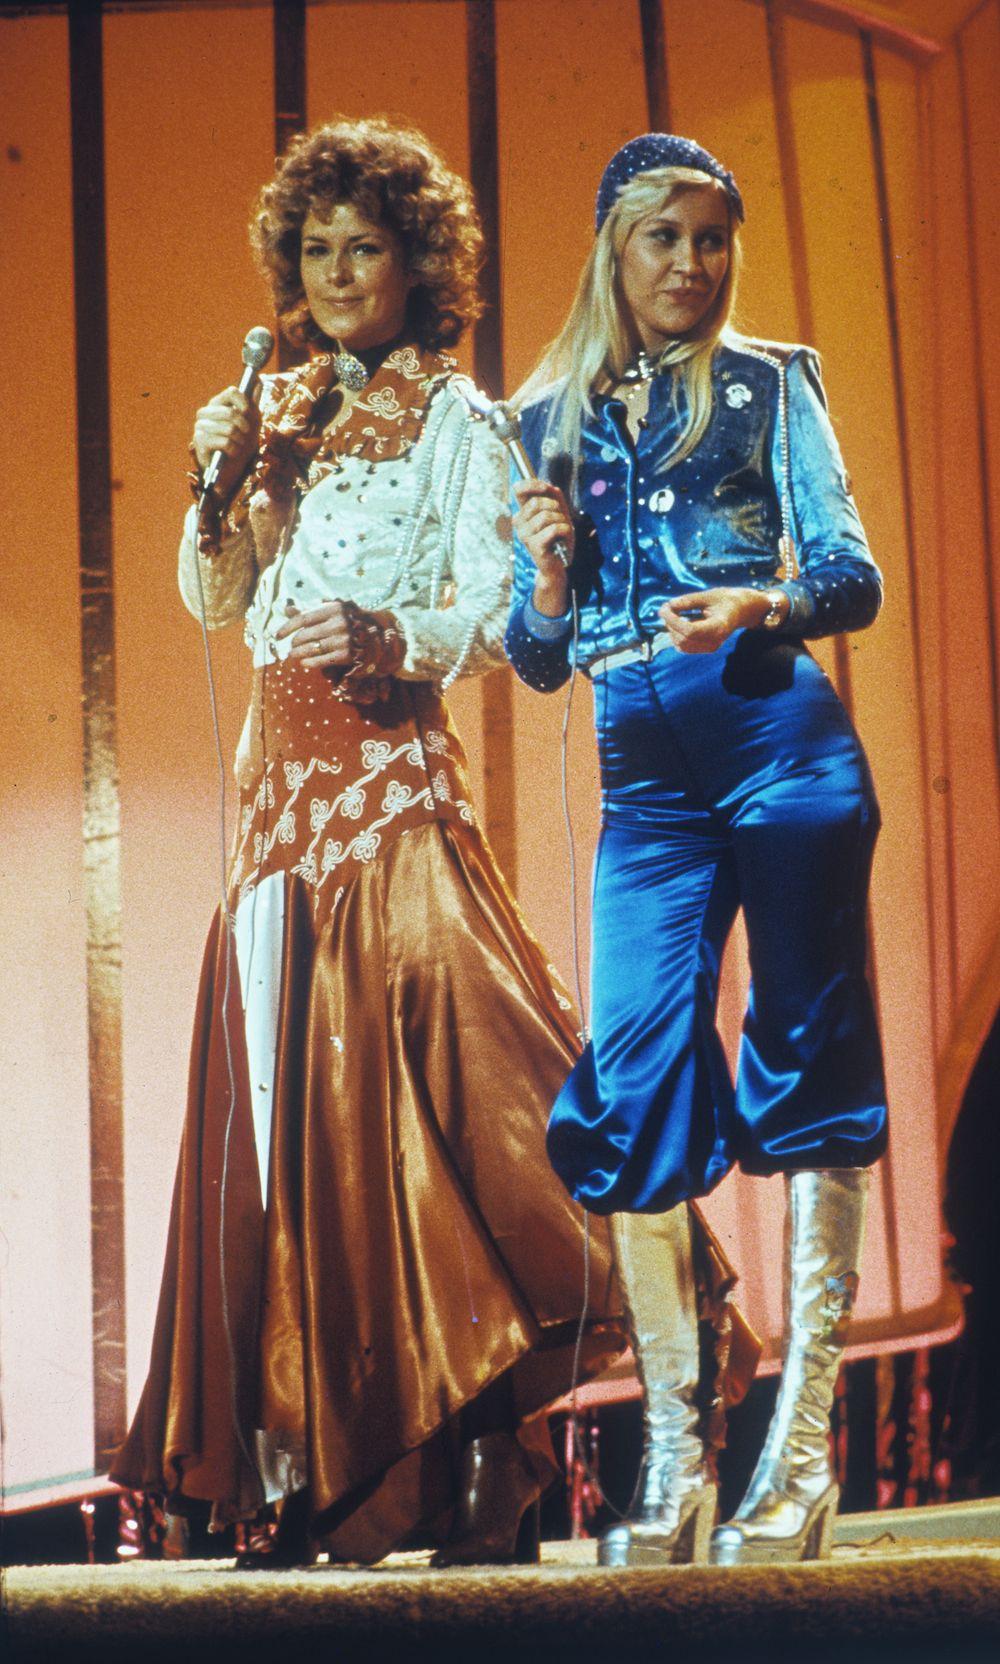 Anni-Frid Lyngstad ABBA dieulois